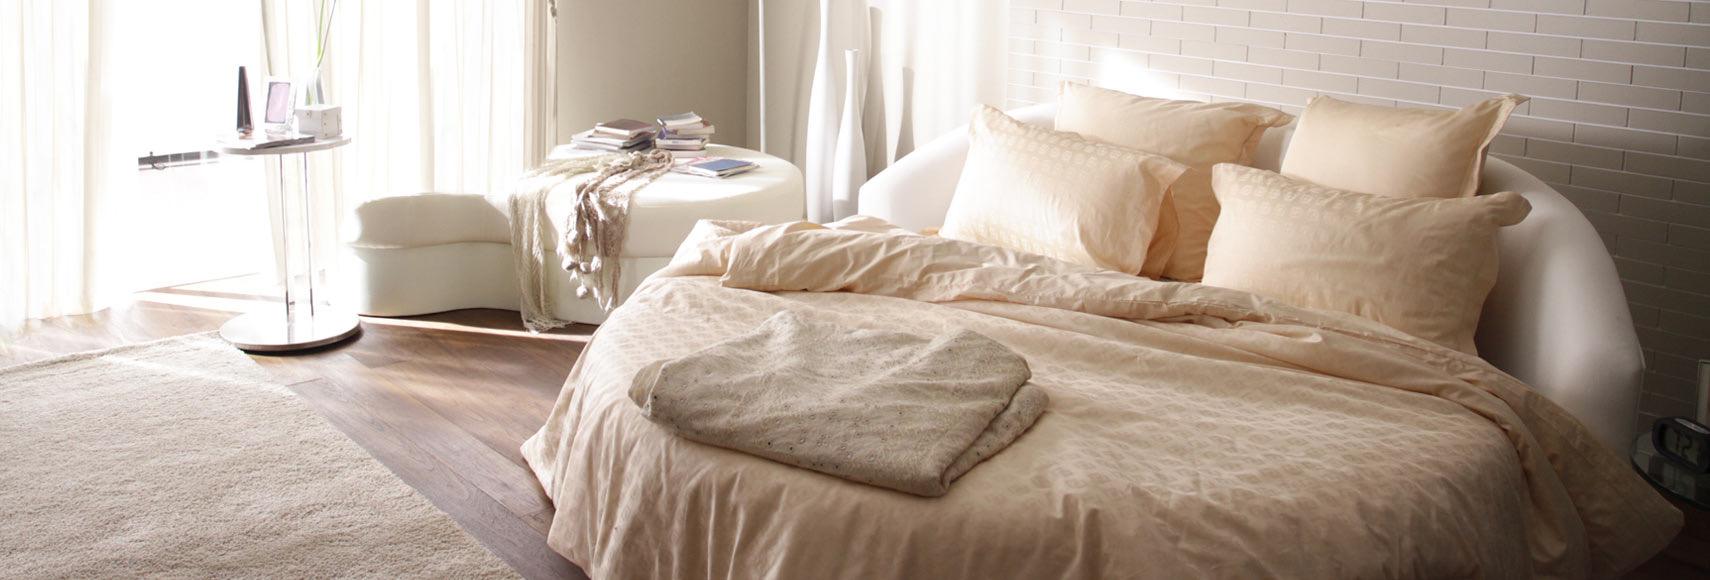 matras op maat kopen online